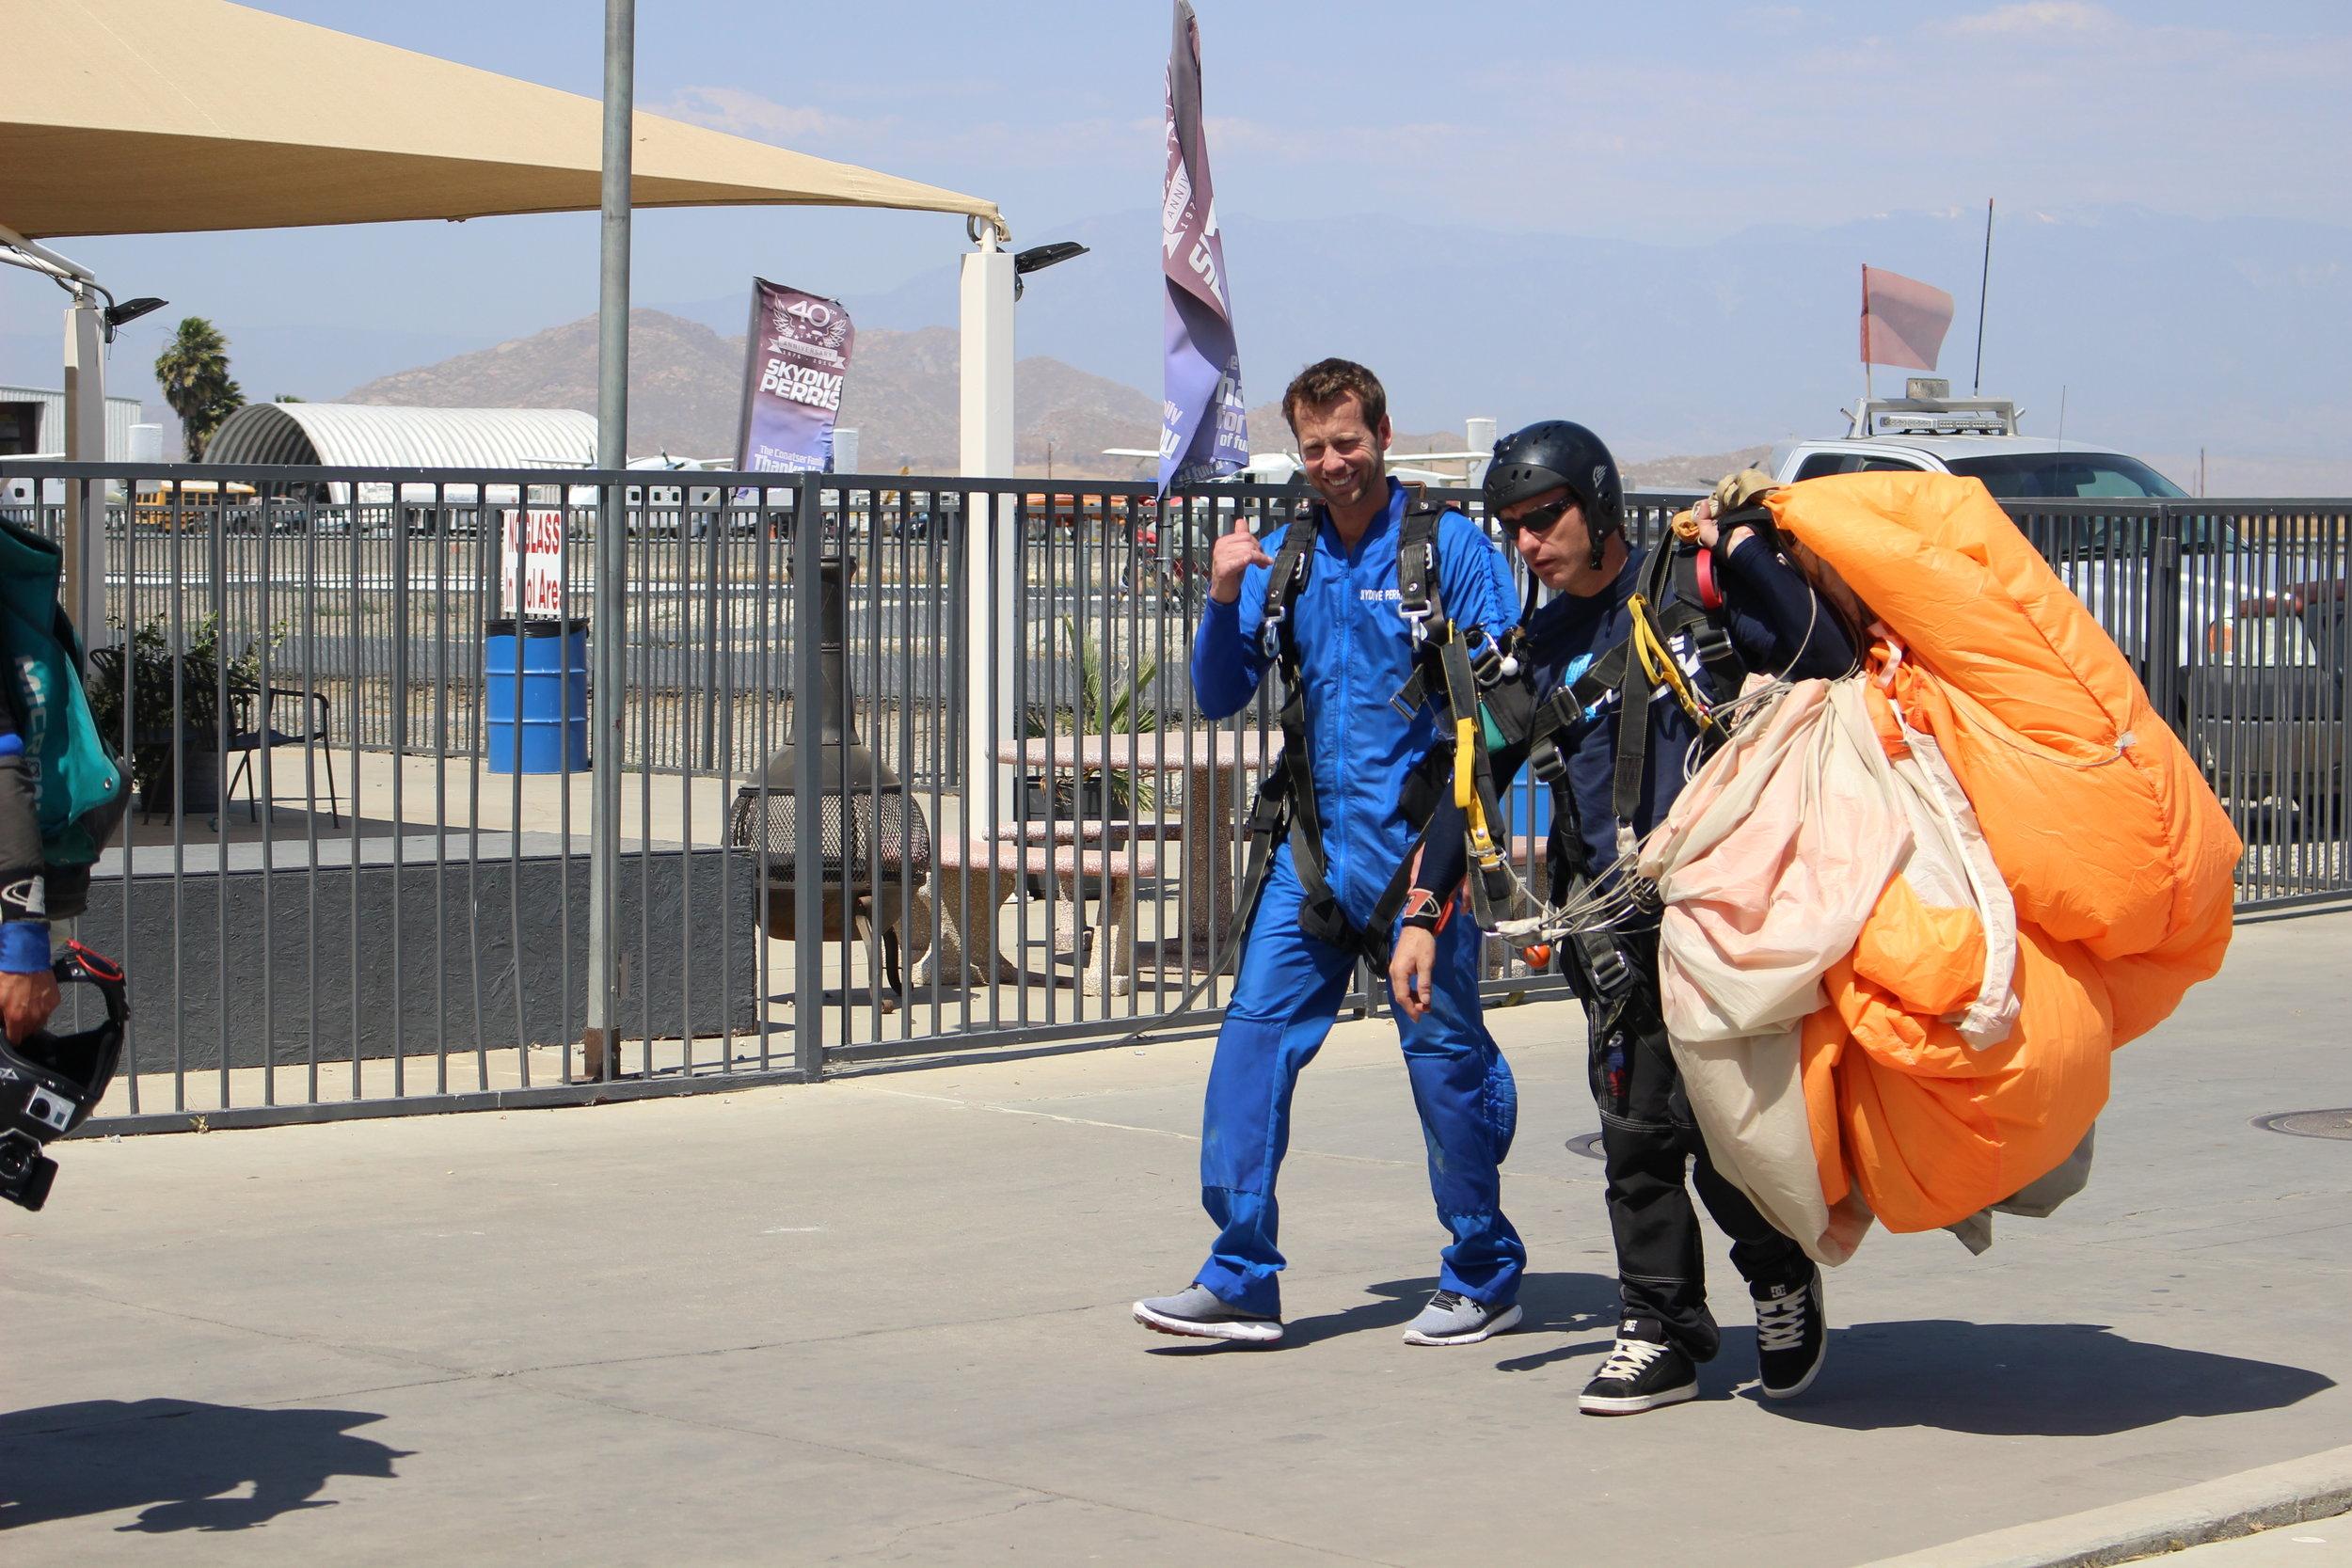 Keith Skydiving Perris STG 001.JPG